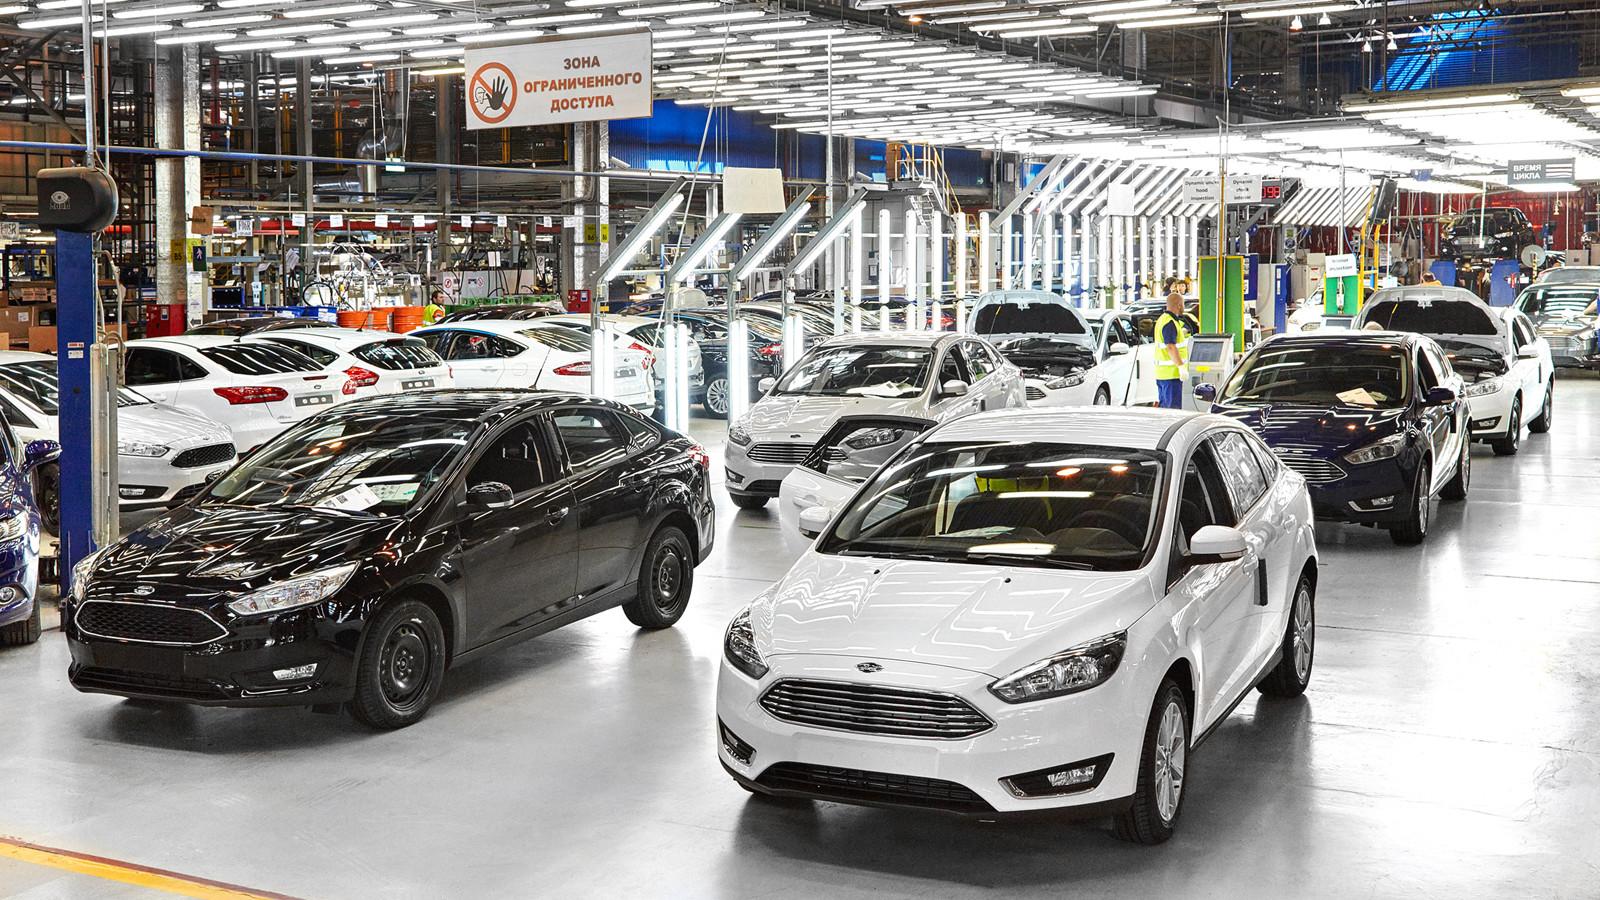 В наступающем году Форд Sollers ждет увеличения продаж авто